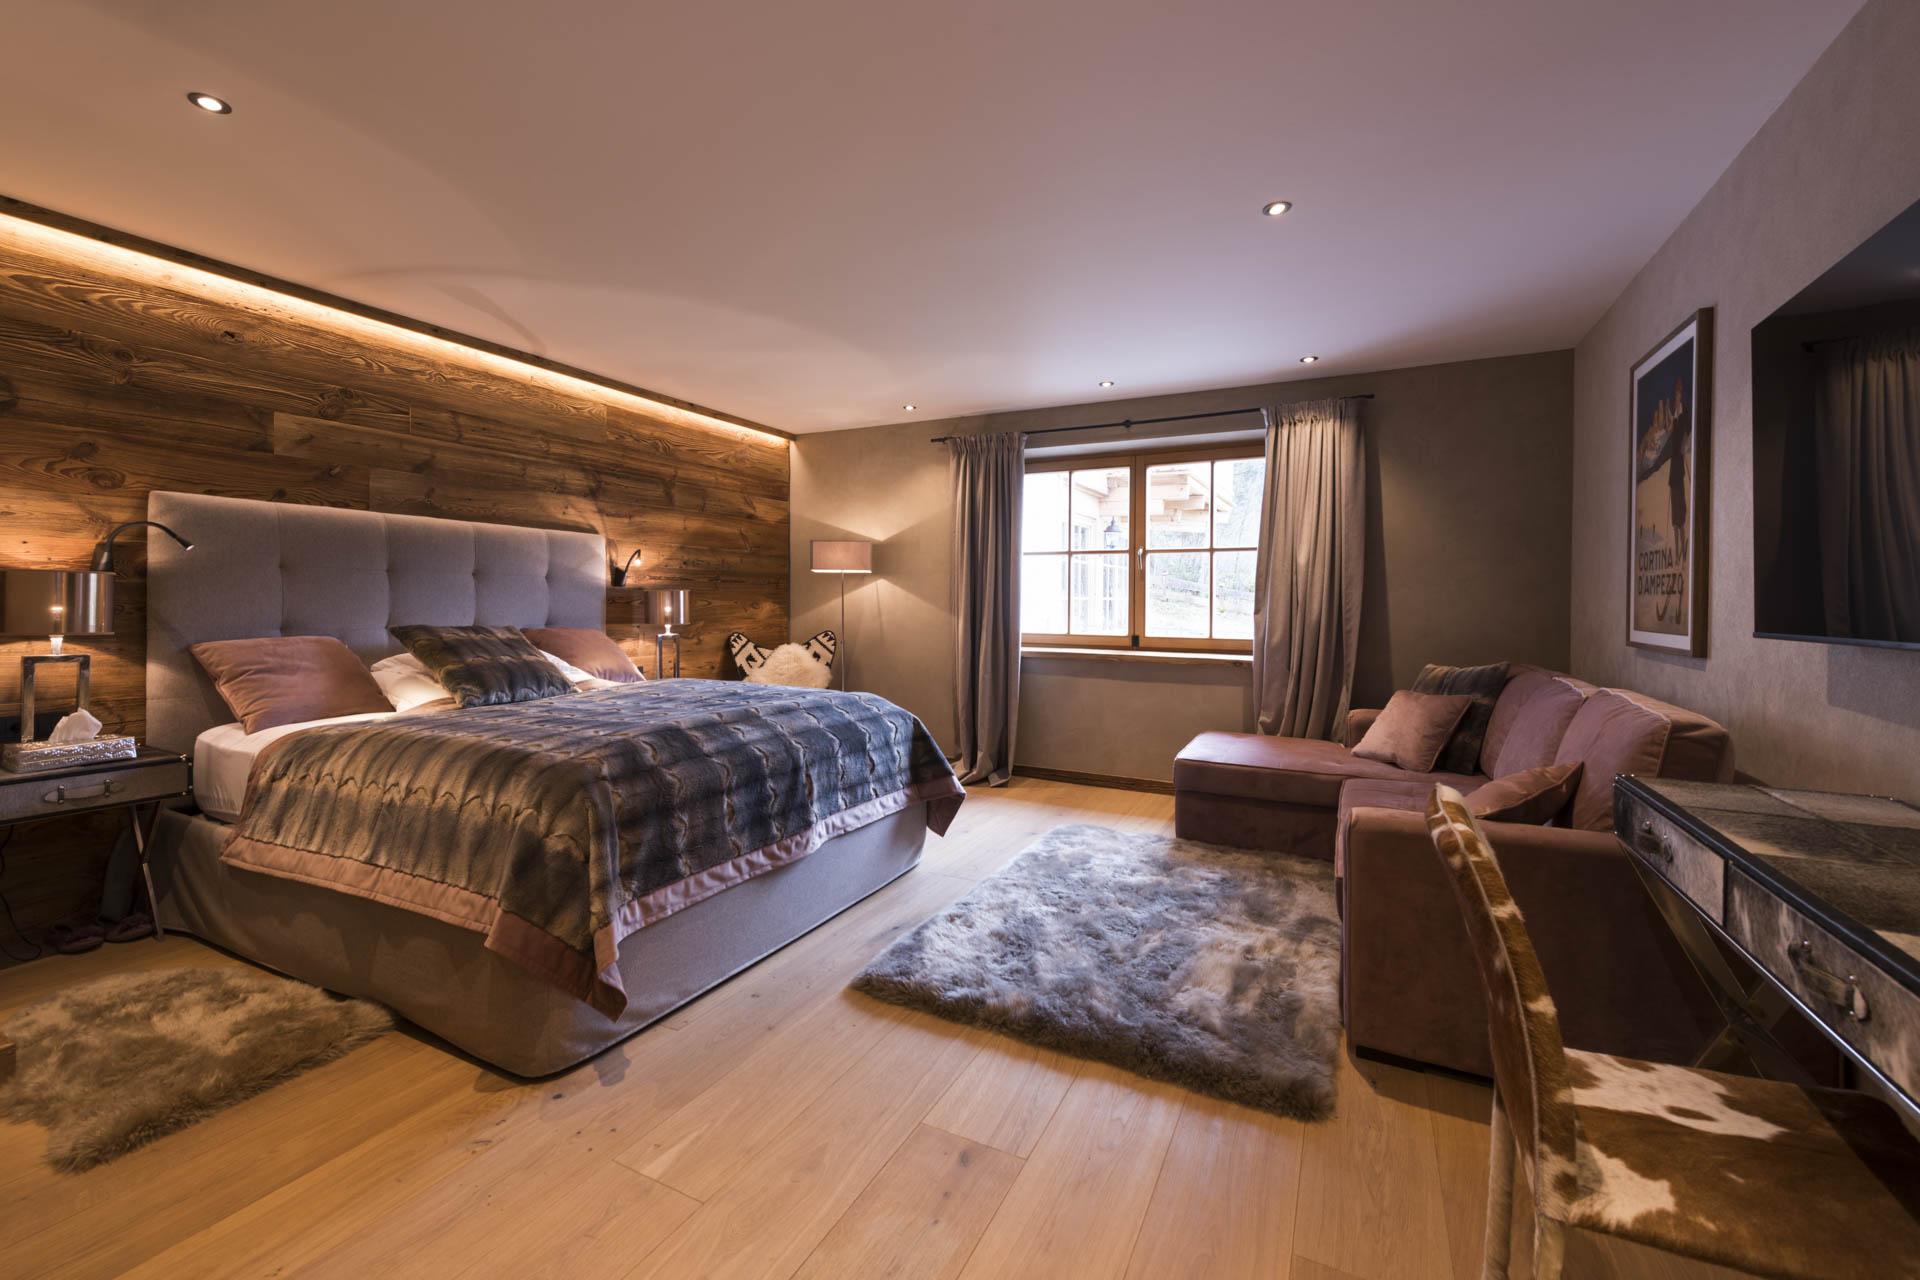 Tischlerei-Decker-Projekte-Wohnung-F-Juniorschlafzimmer-mit-Wohnbereich